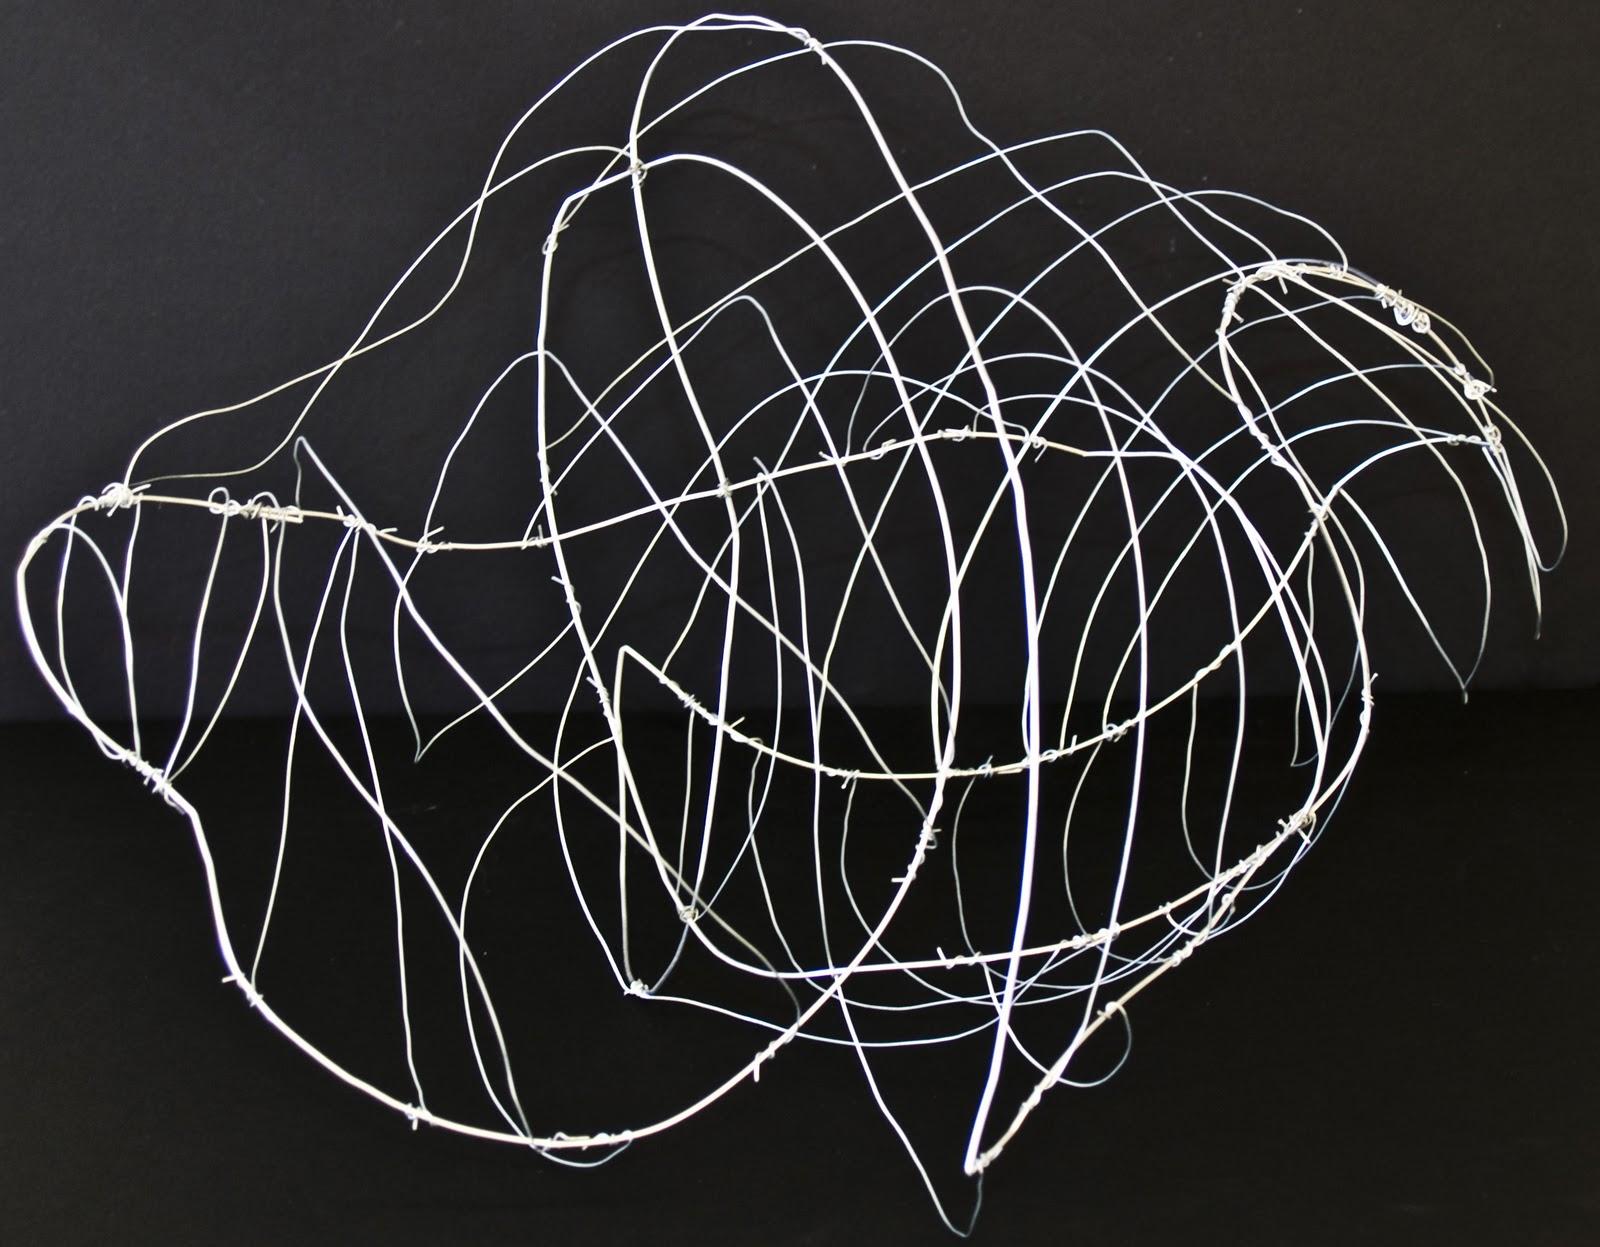 Digital Portfolio: Abstract Wire Sculpture